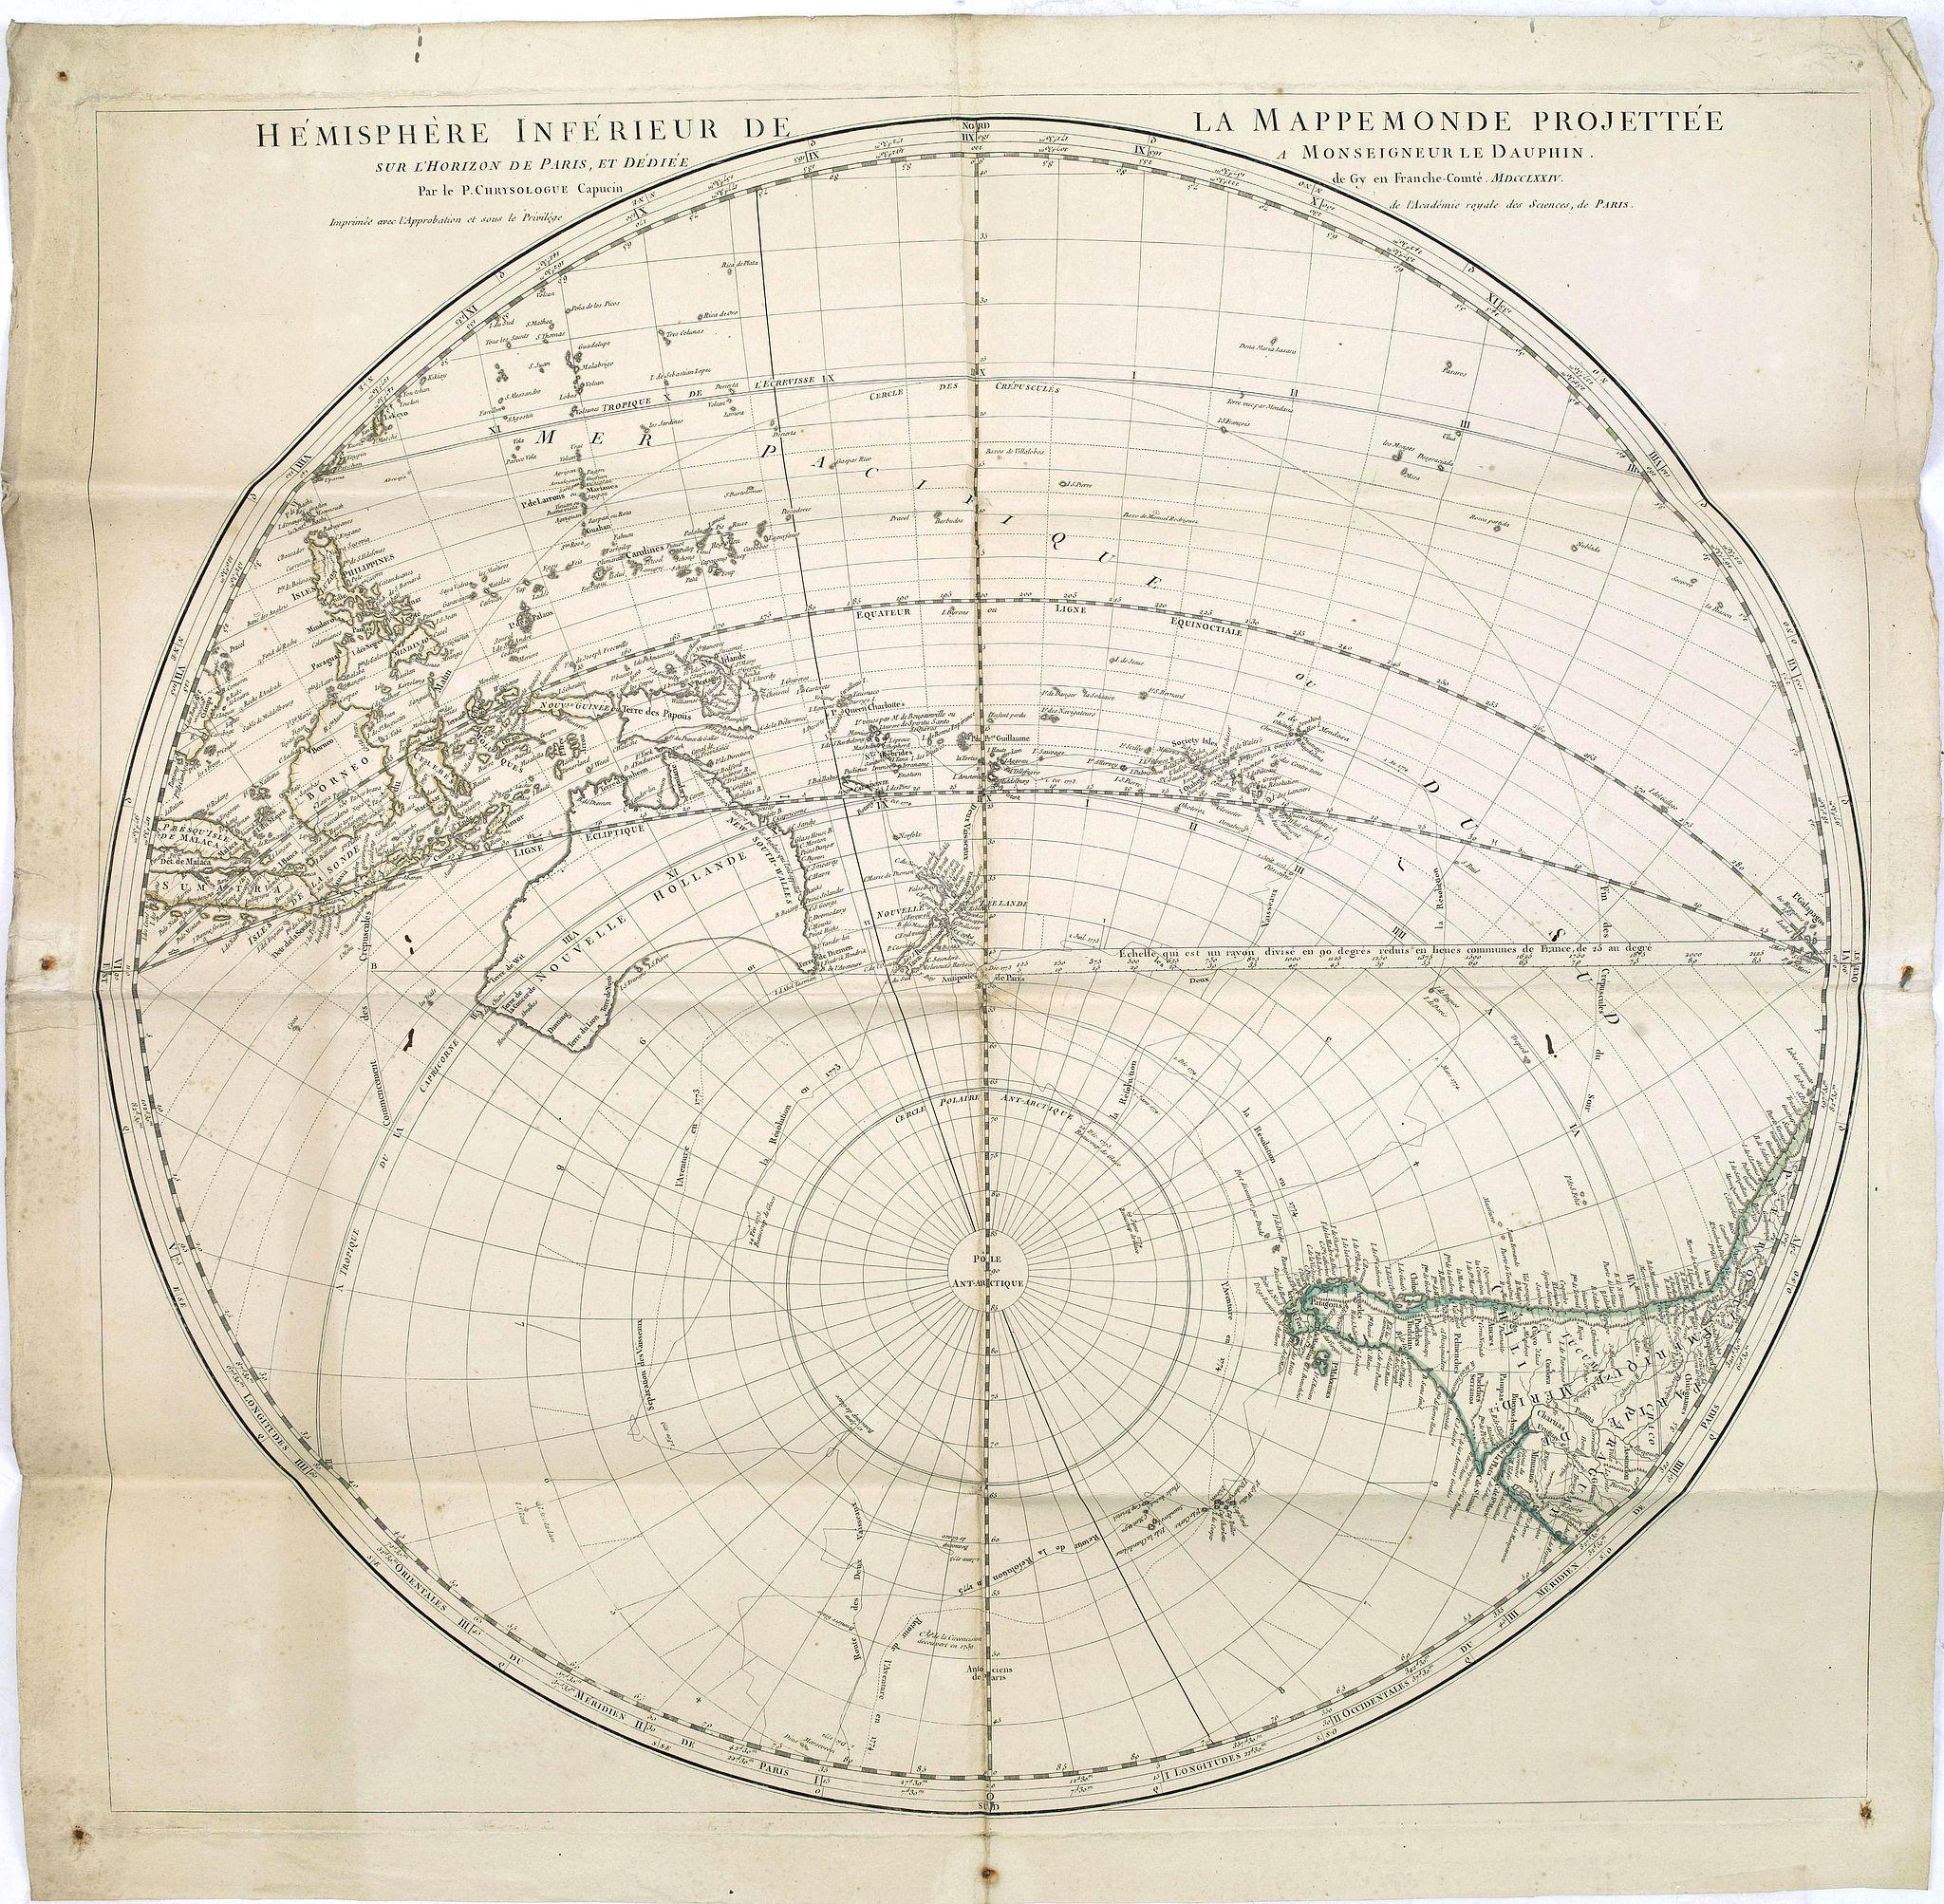 CHRYSOLOGUE, le père. - Hémisphere inférieur de la mappemonde projettée sur l'horizon de Paris,. . .